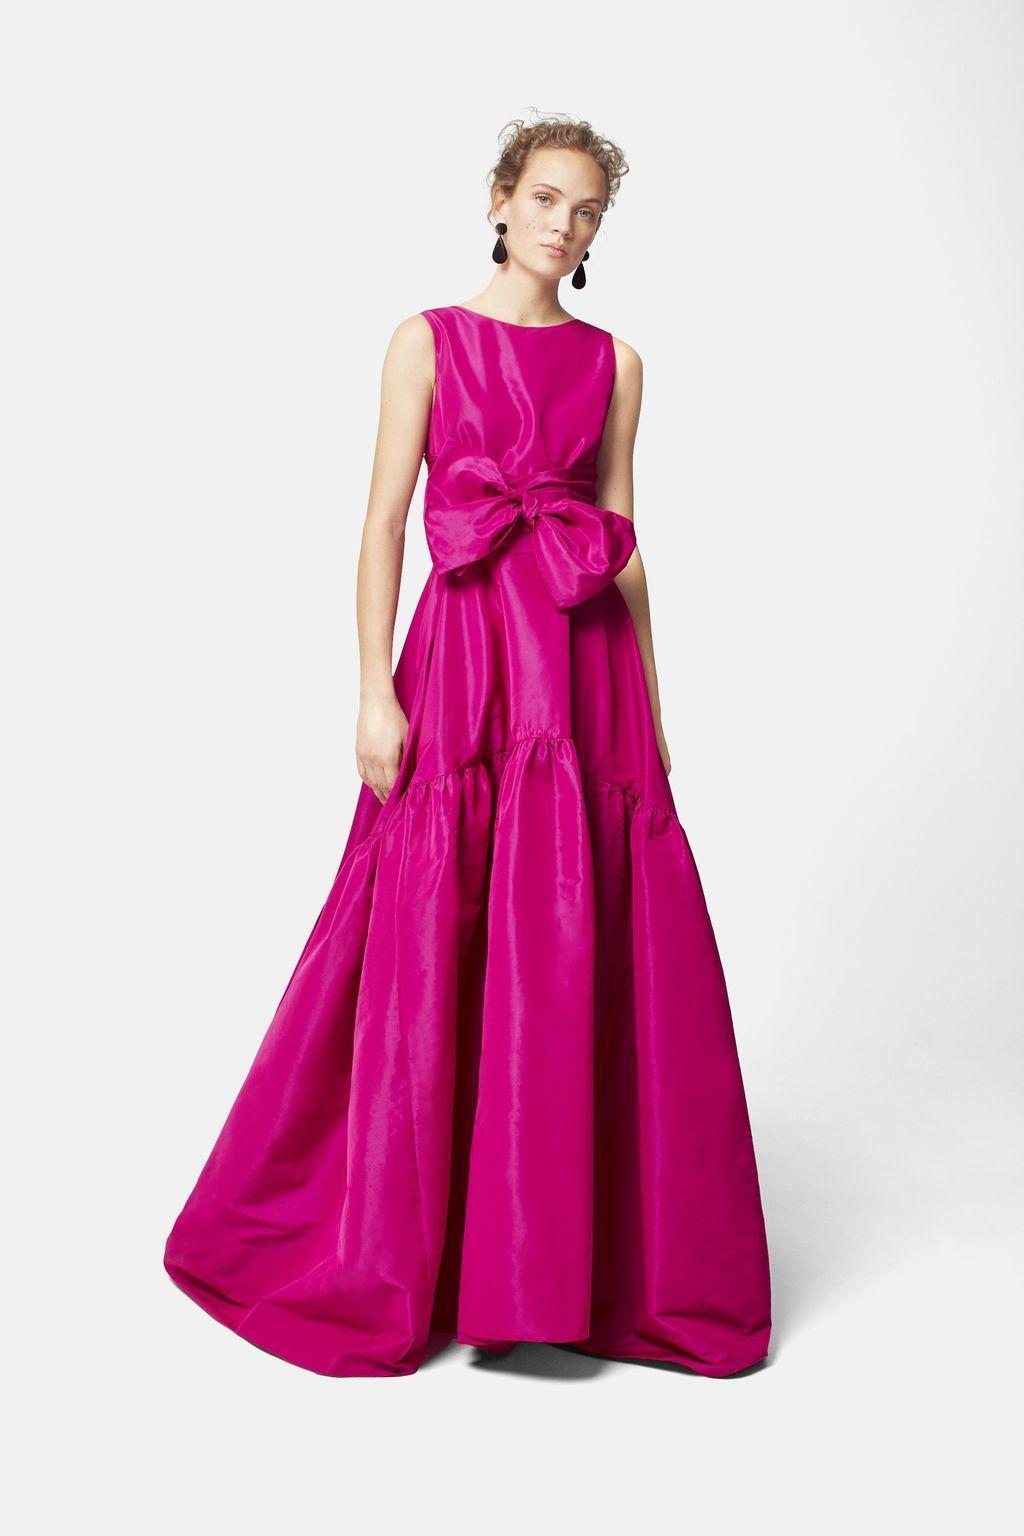 Vestido de tafeta con volumen ROSA FUCSIA | Fucsia, Color rosa y ...